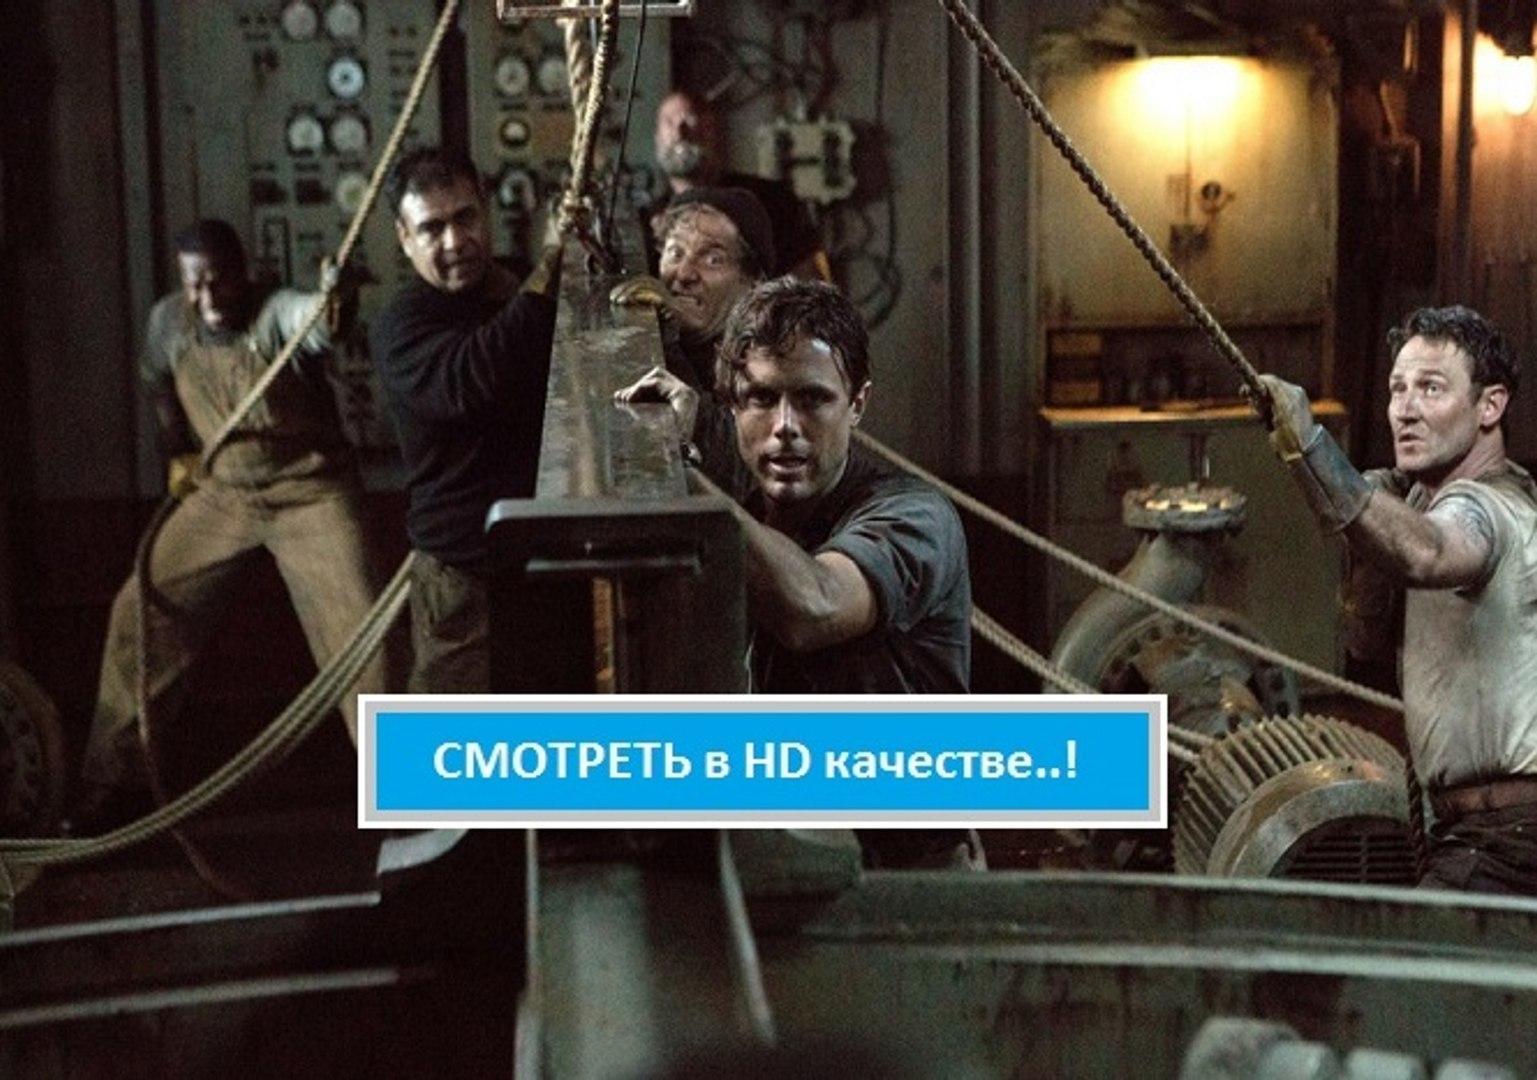 И ГРЯНУЛ ШТОРМ 2016. Смотреть полный фильм онлайн в хорошем качестве HD